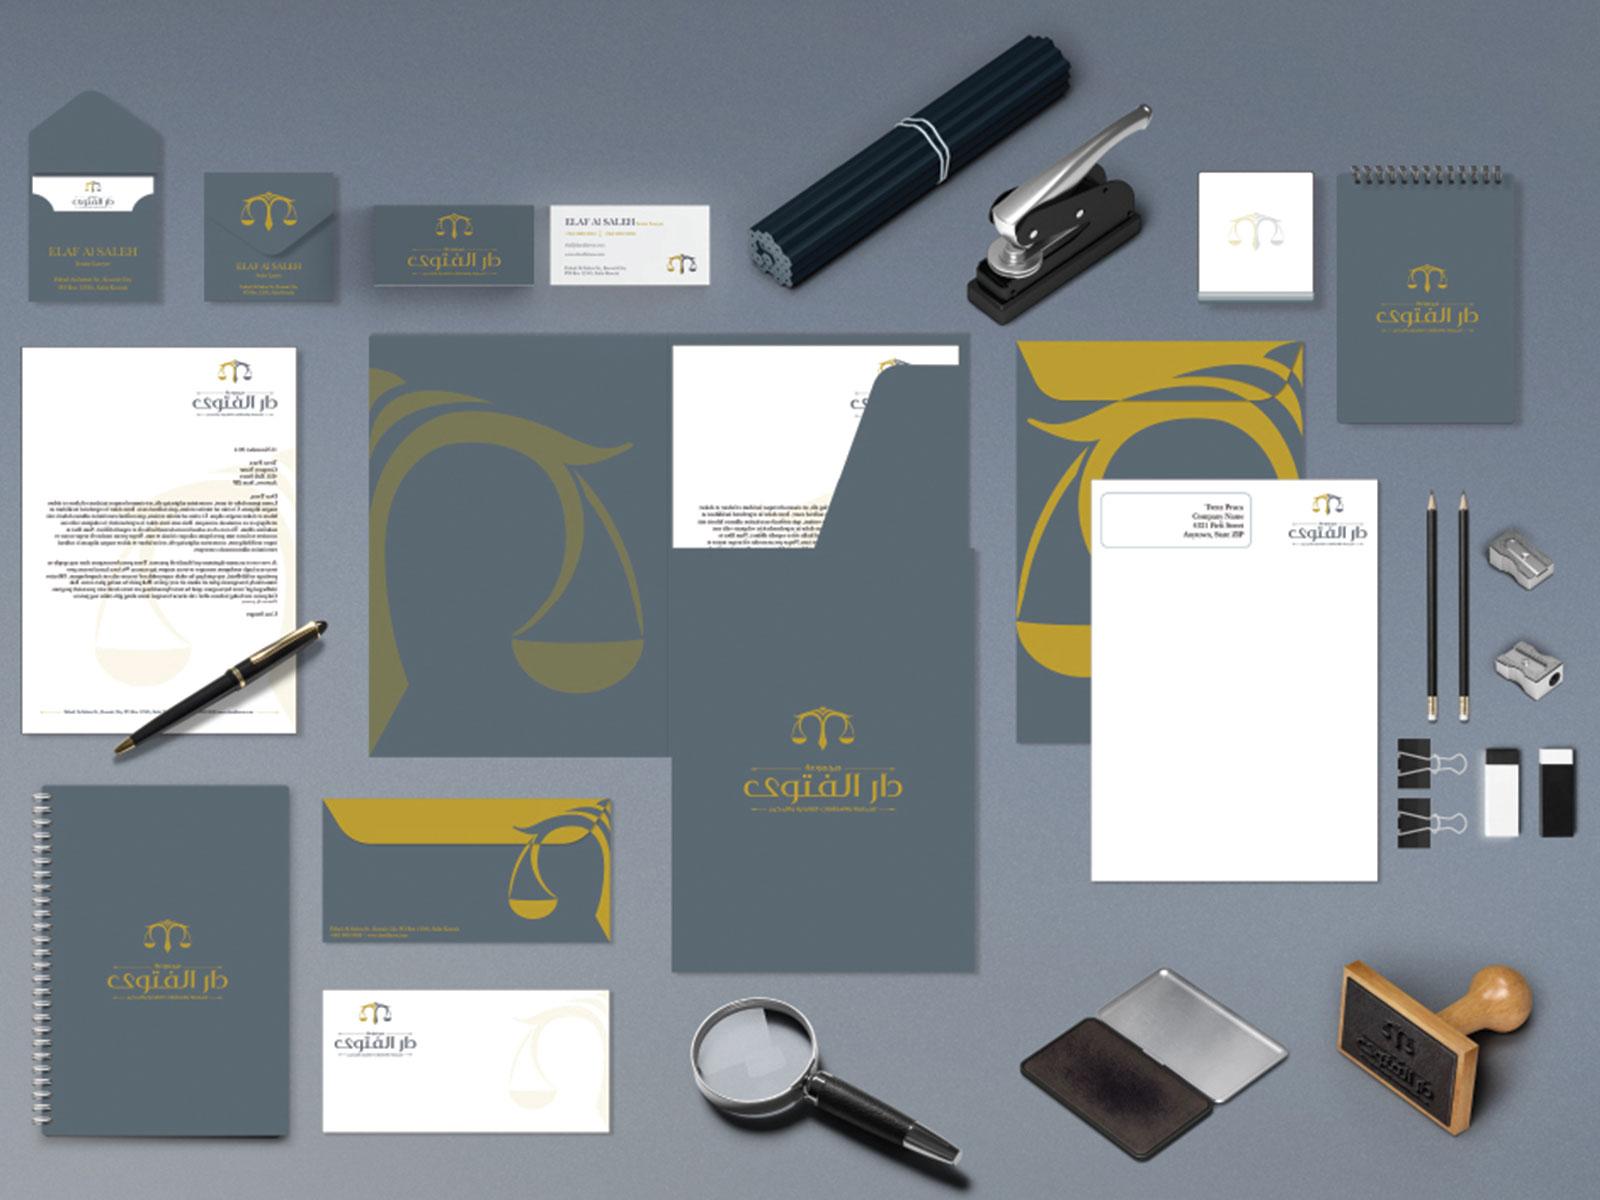 inkservice-ourwork-card-kuwait